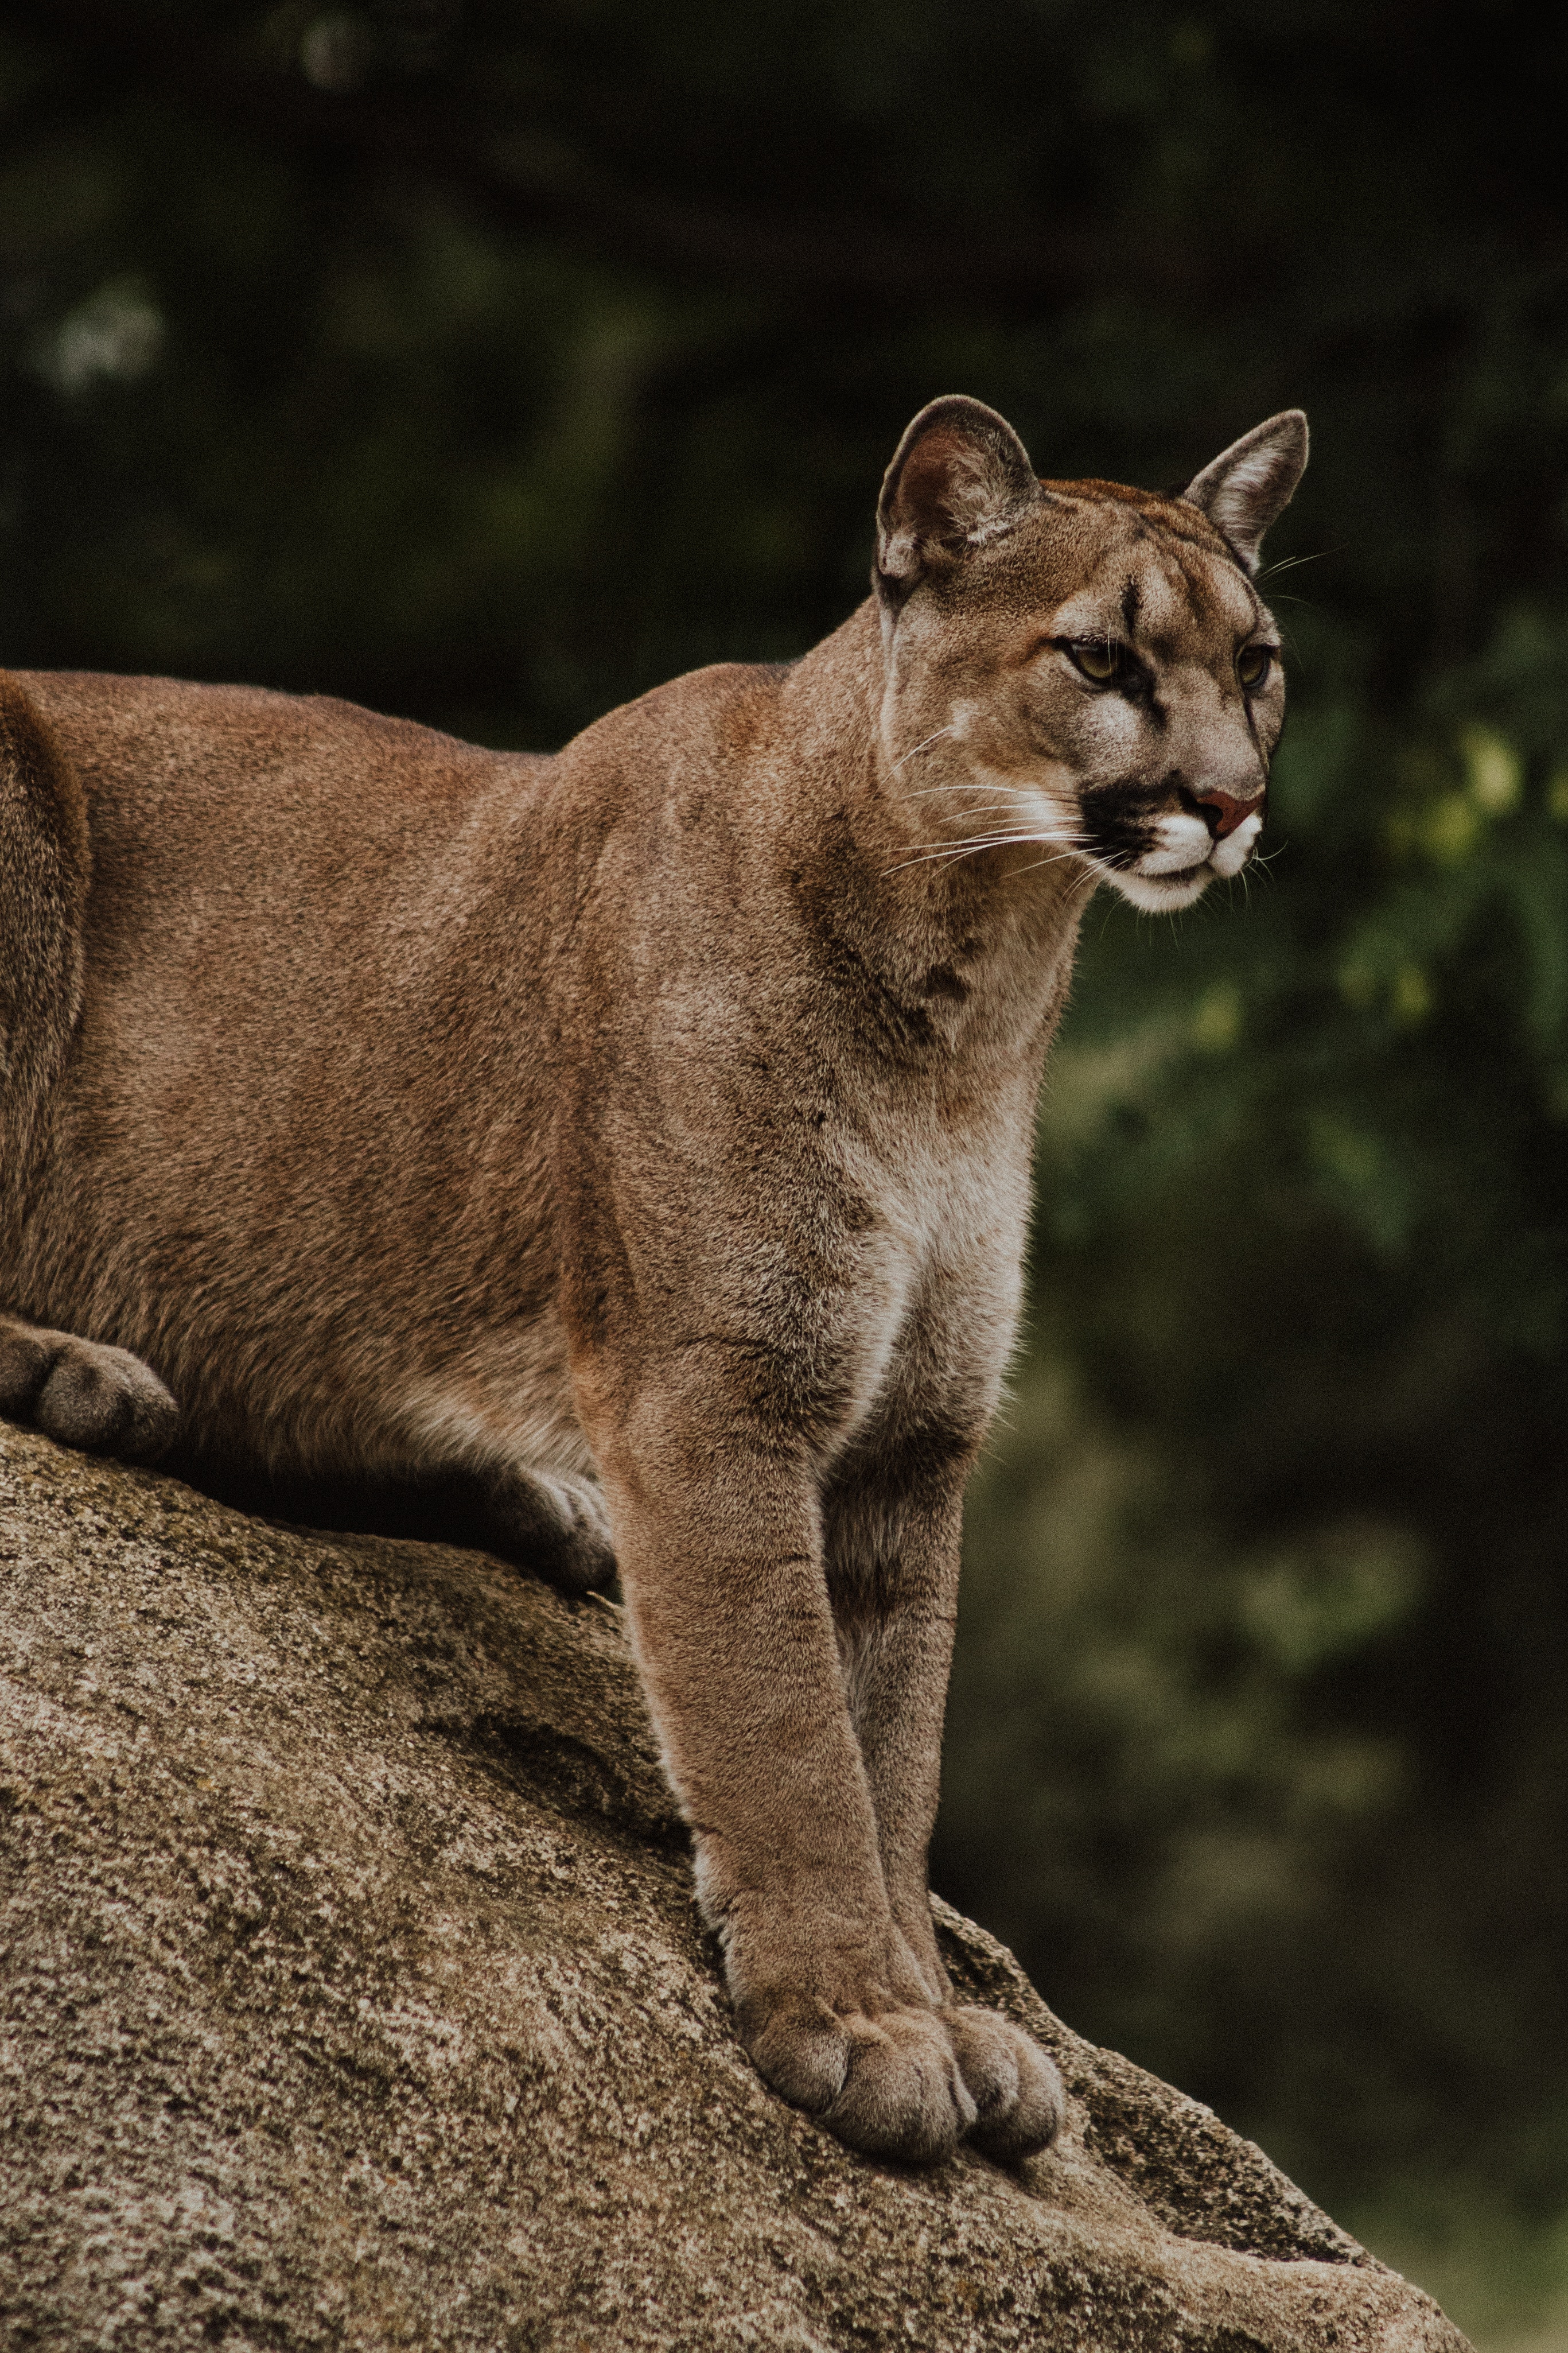 131236 скачать обои Животные, Пумы, Хищник, Большая Кошка, Дикая Природа - заставки и картинки бесплатно